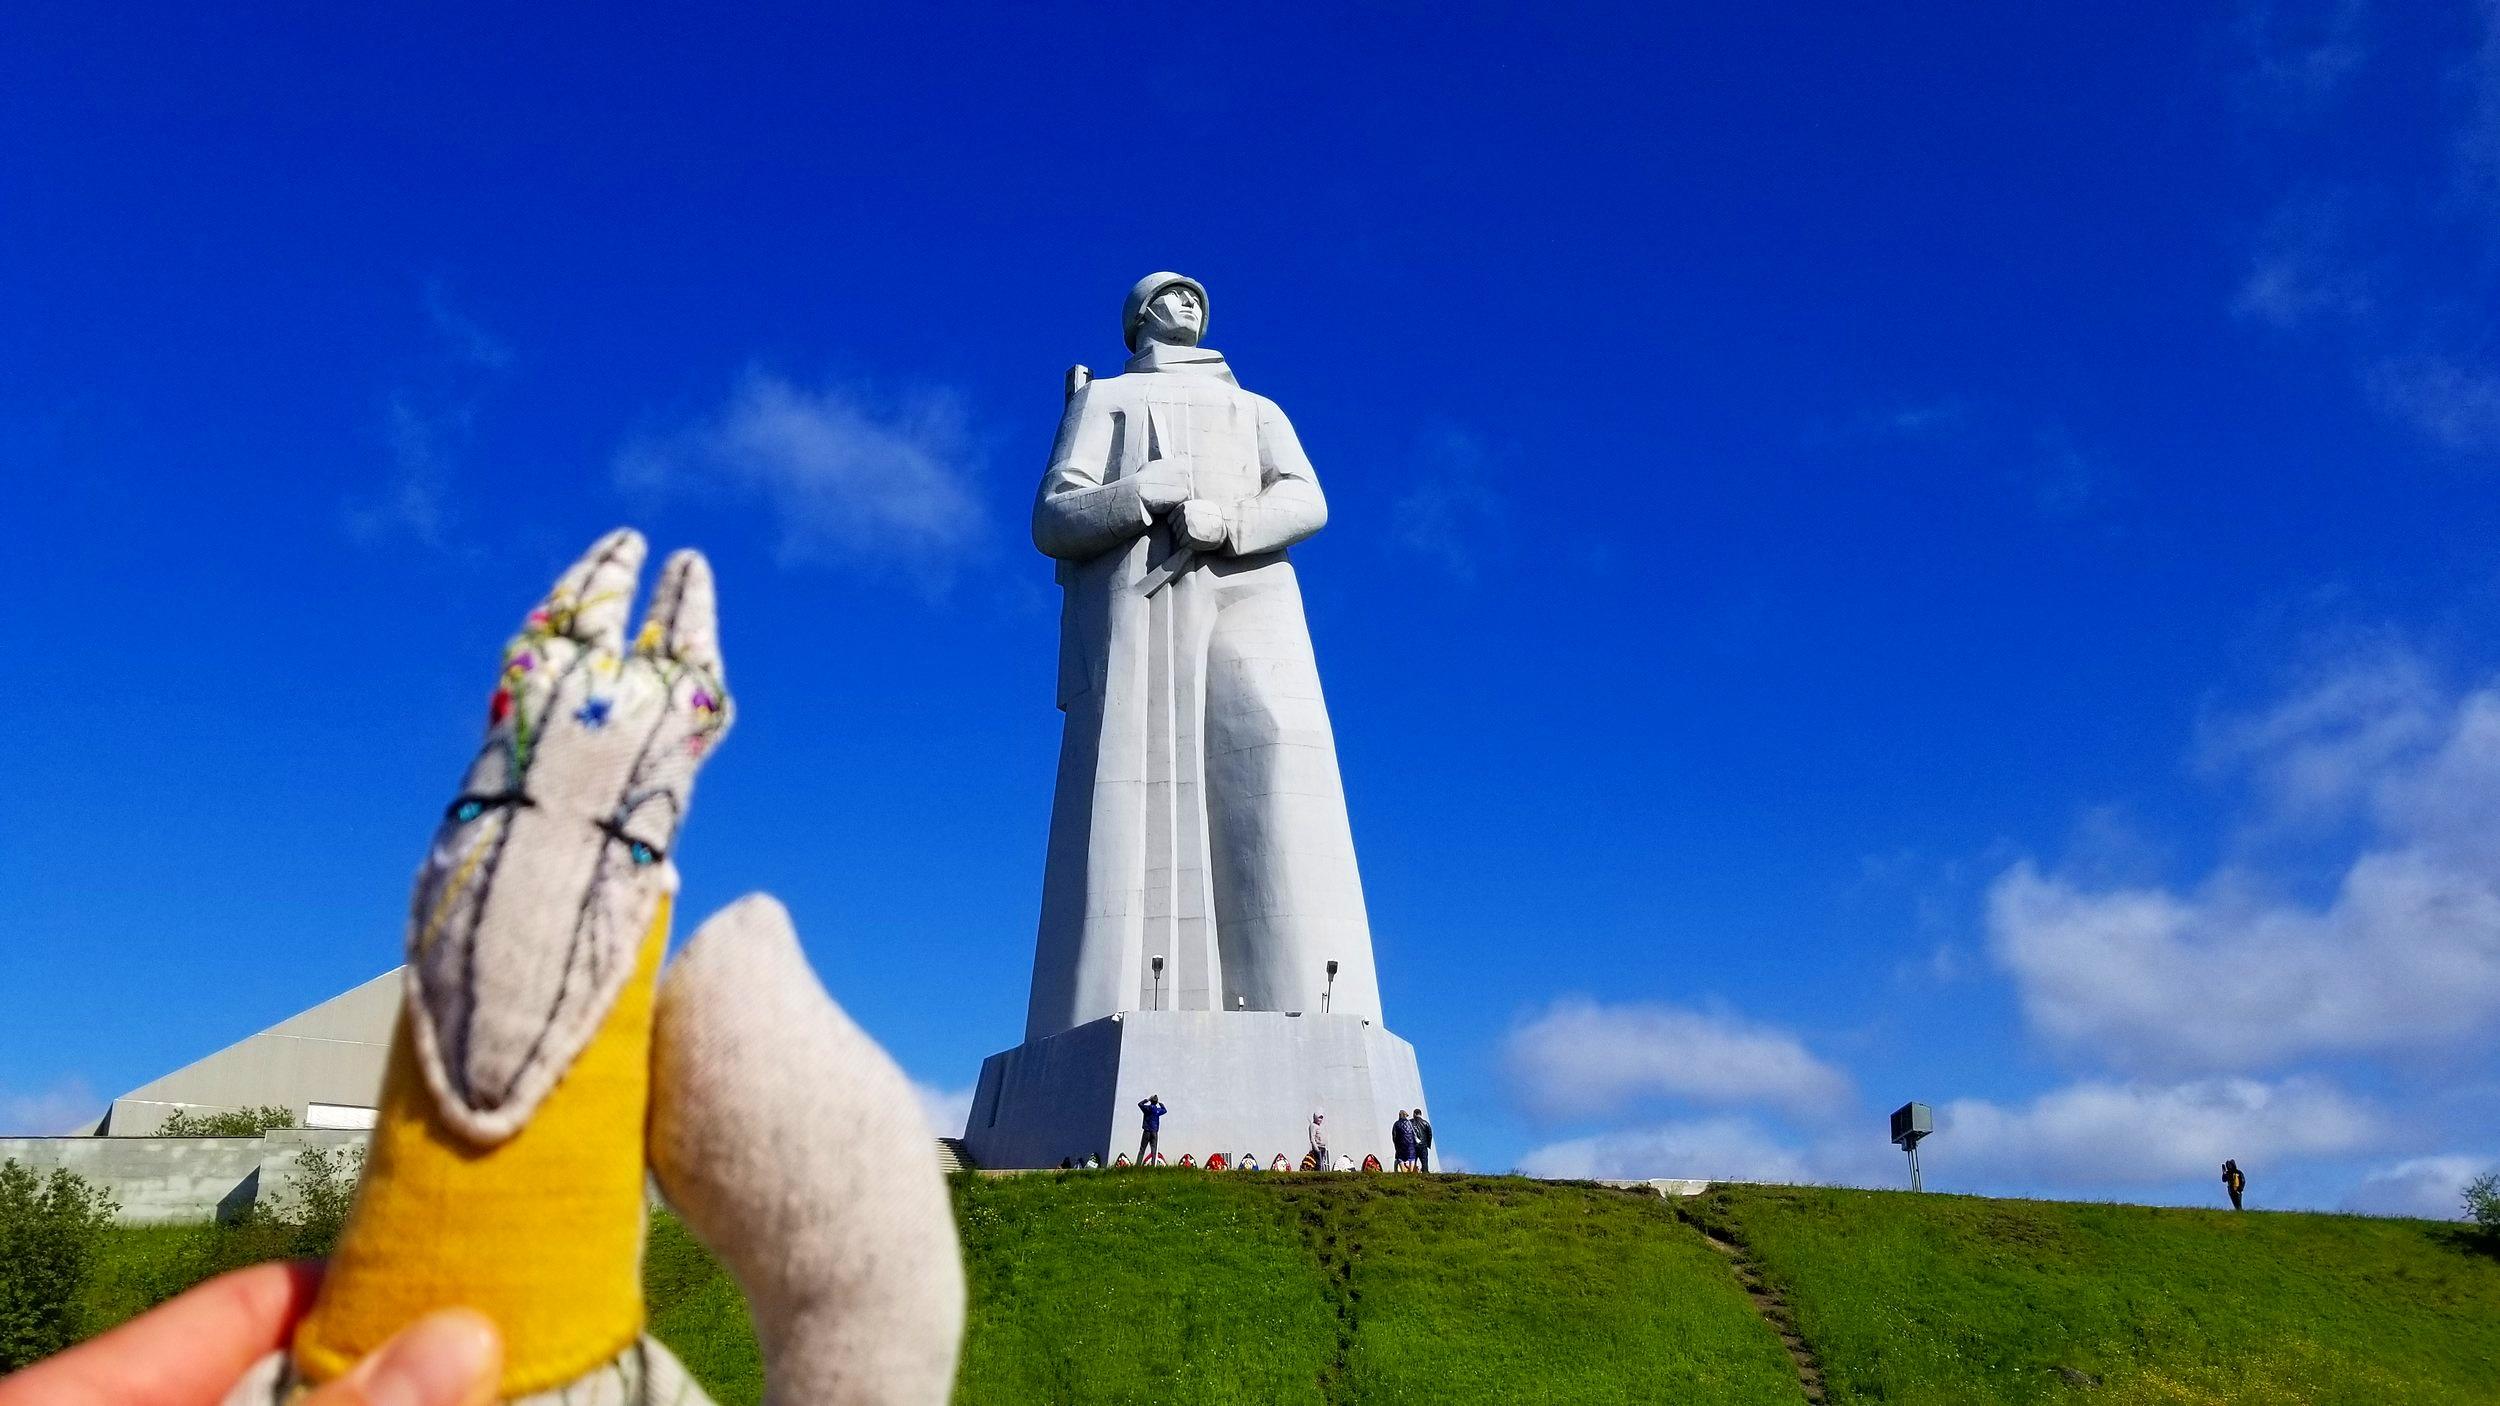 Alyosha Acrtic Statue, Murmansk, Russia